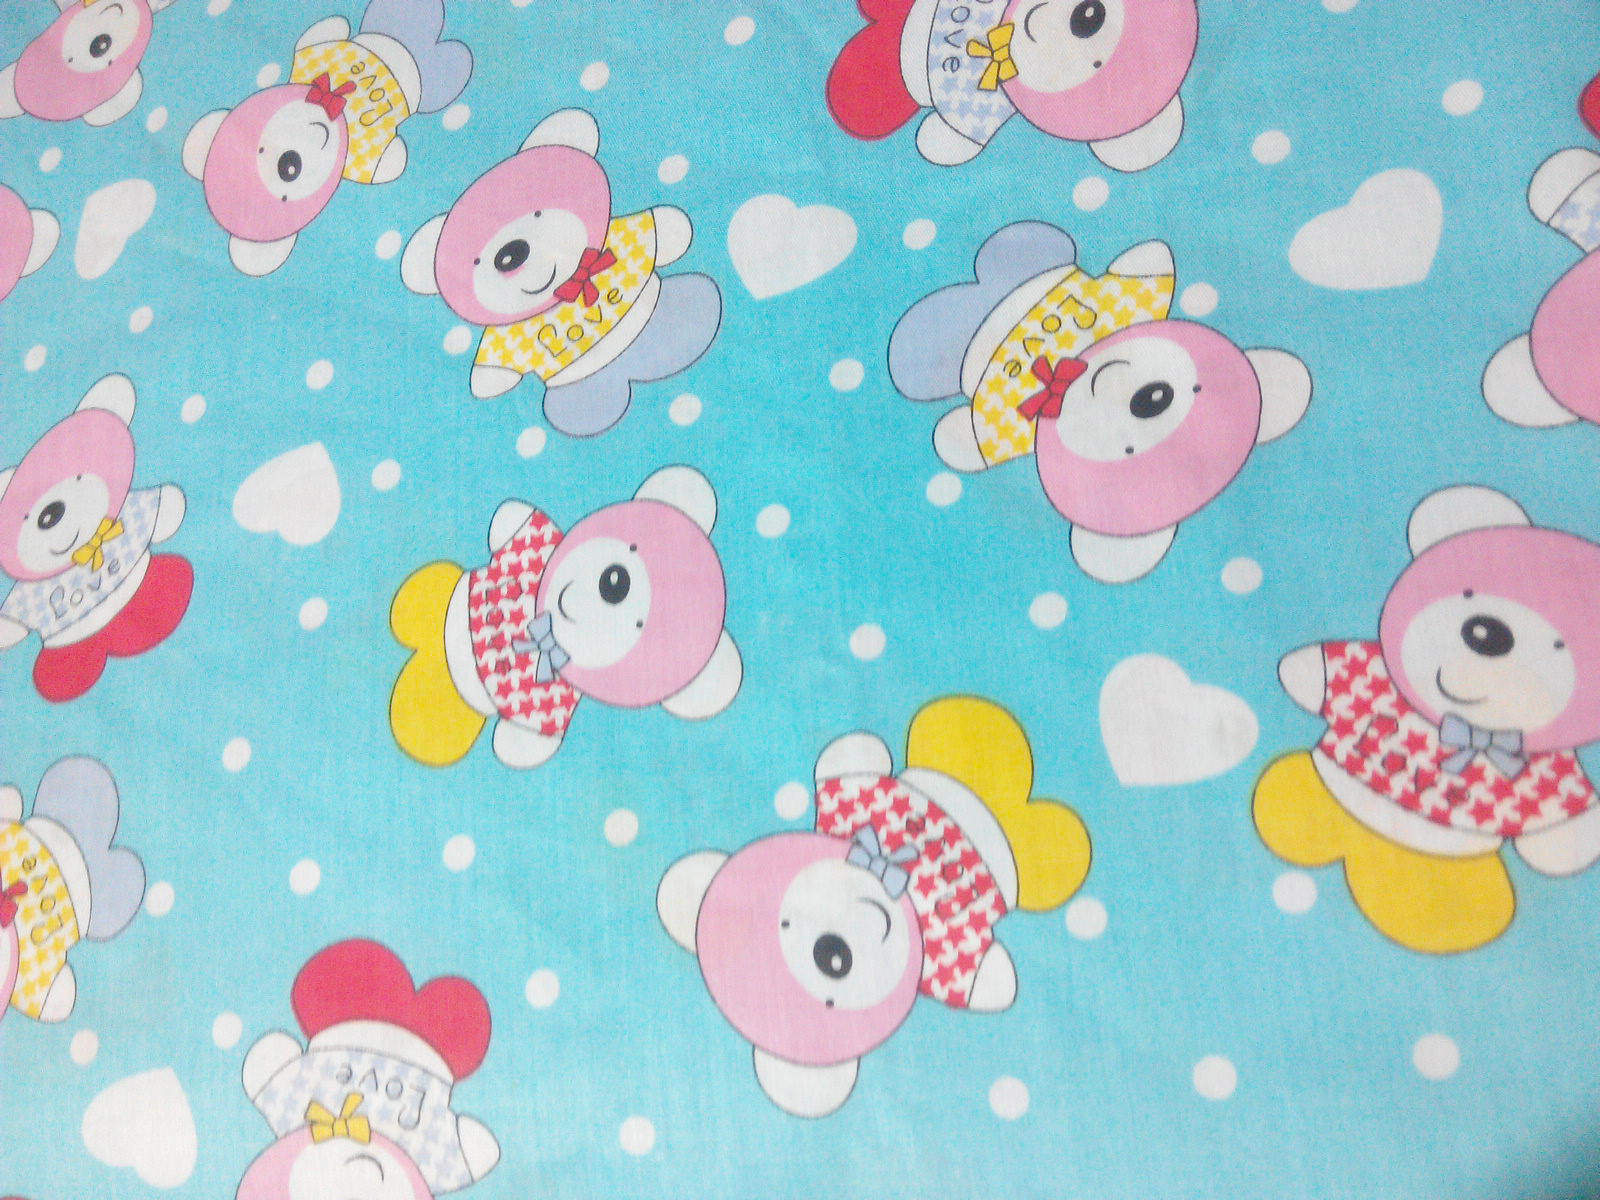 宝宝卡通纯棉全棉布料婴儿床品面料布幼儿园儿童床单图片